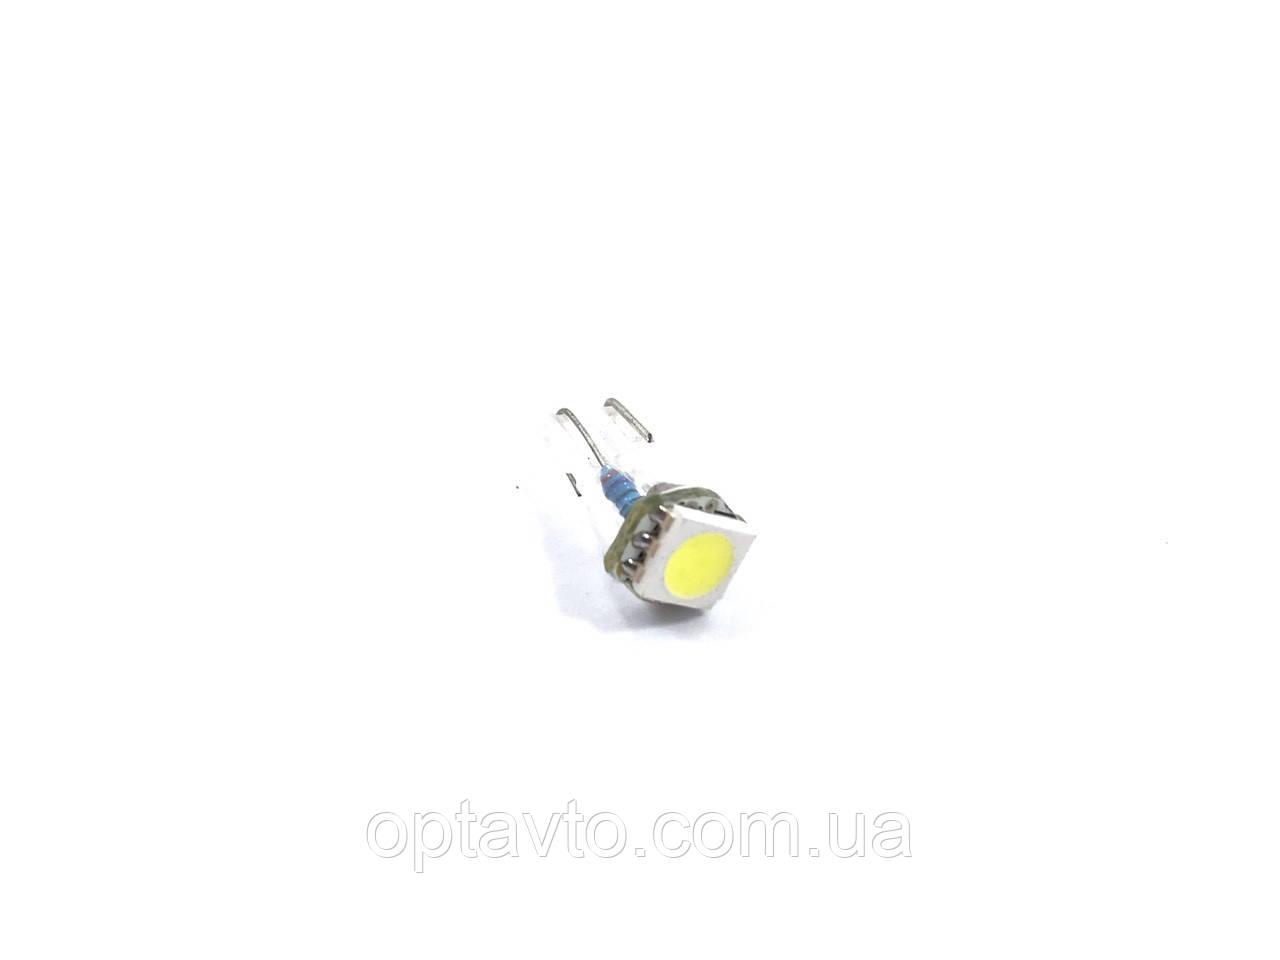 Лампа диодная для передних габаритов и освещения приборной панели